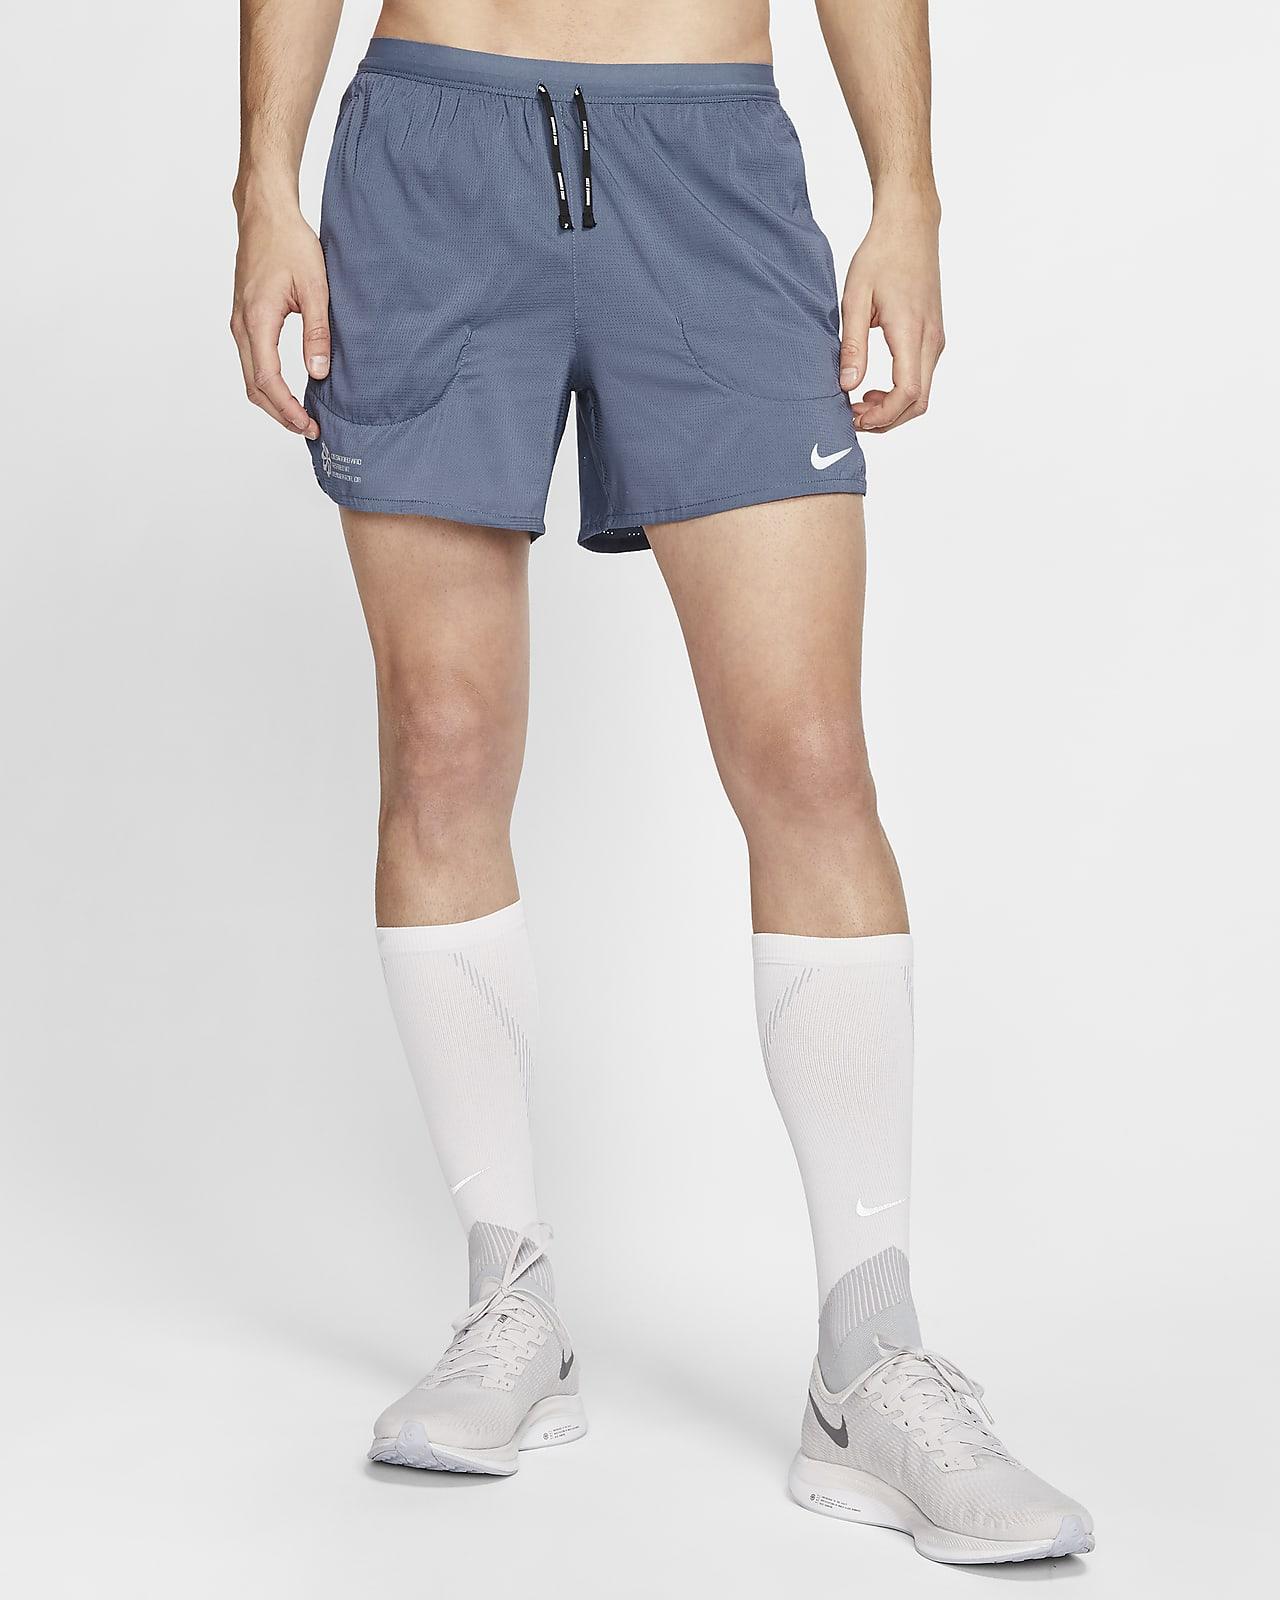 Short de running avec sous short intégré Nike Flex Stride Future Fast 13 cm pour Homme